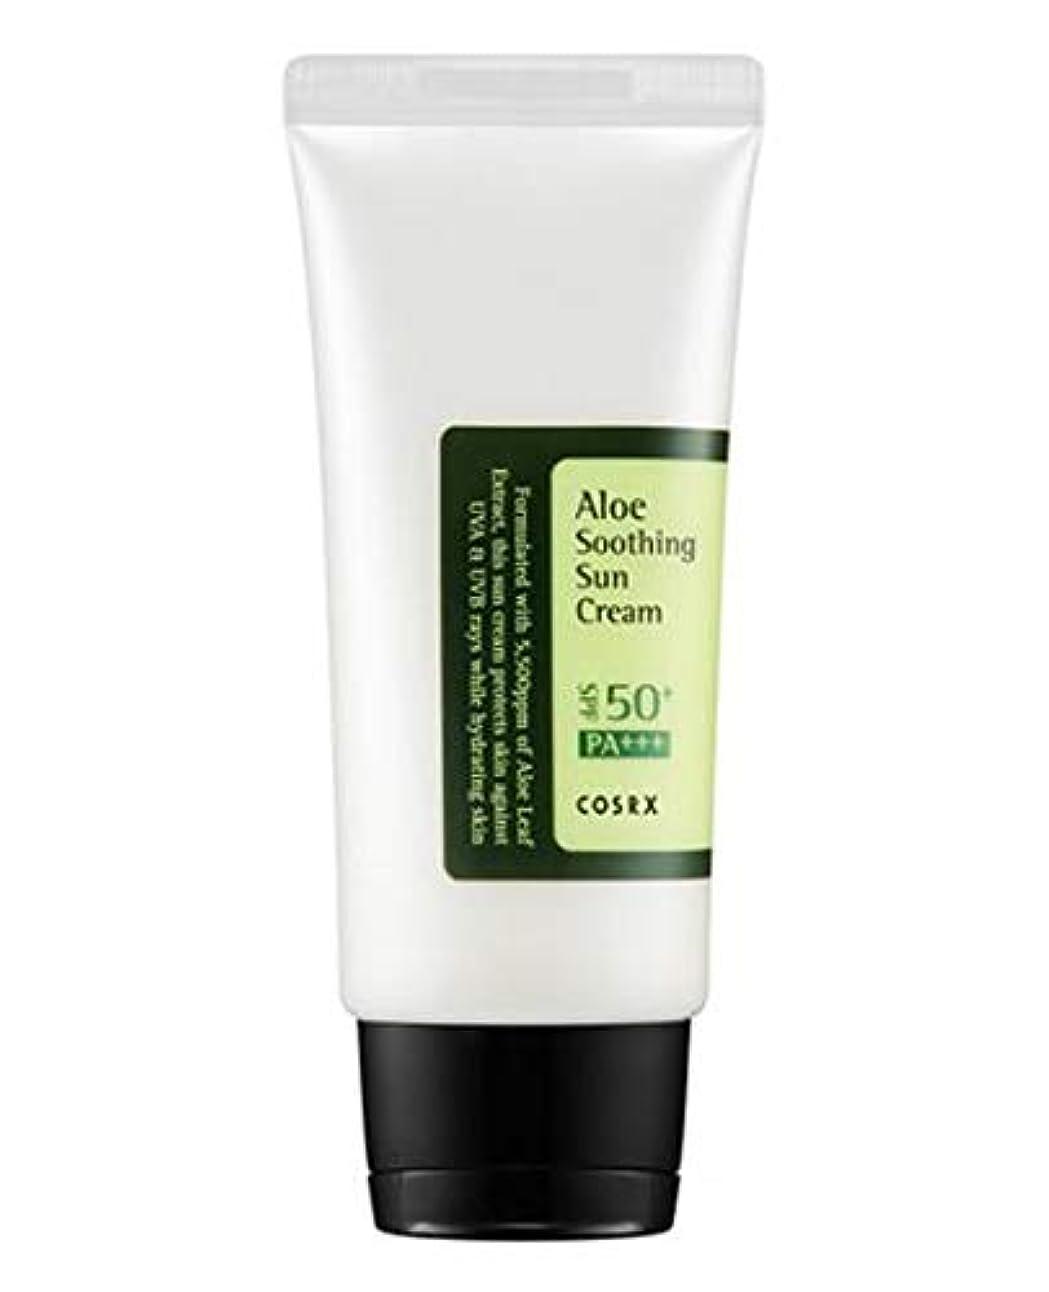 凍結フラッシュのように素早く先見の明COSRX Aloe Soothing Sun Cream (並行輸入品)